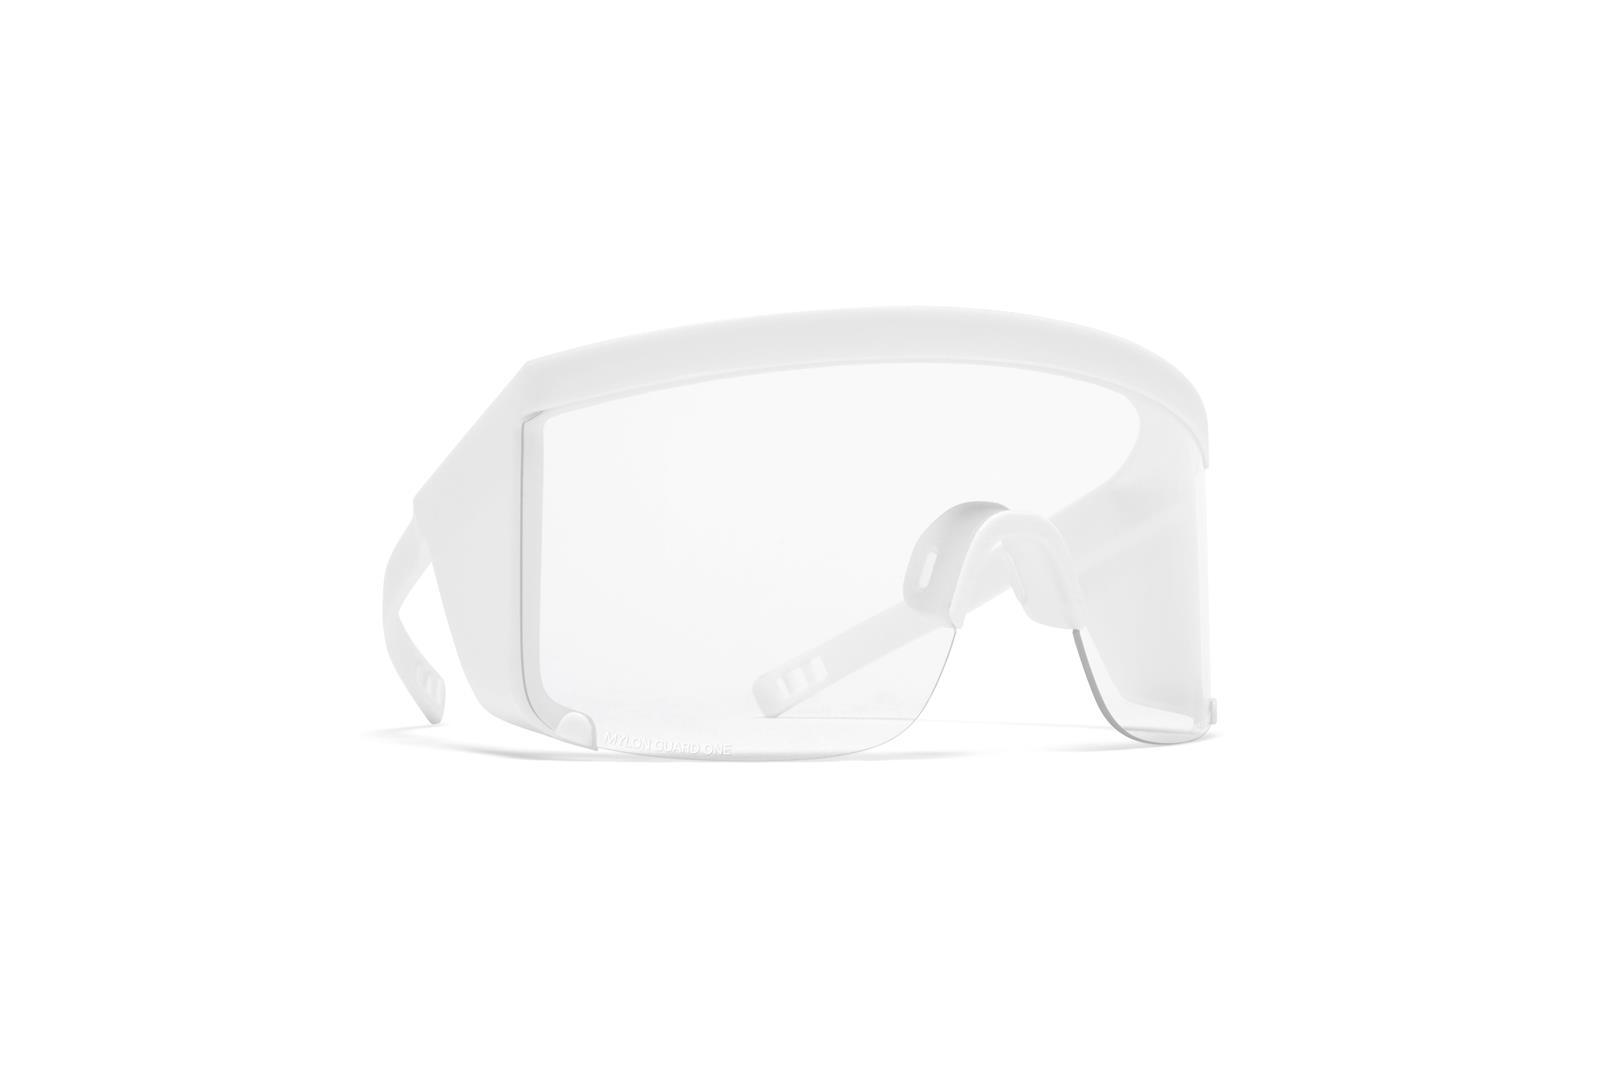 occhiali da vista protettivi e anti appannamento contro covid